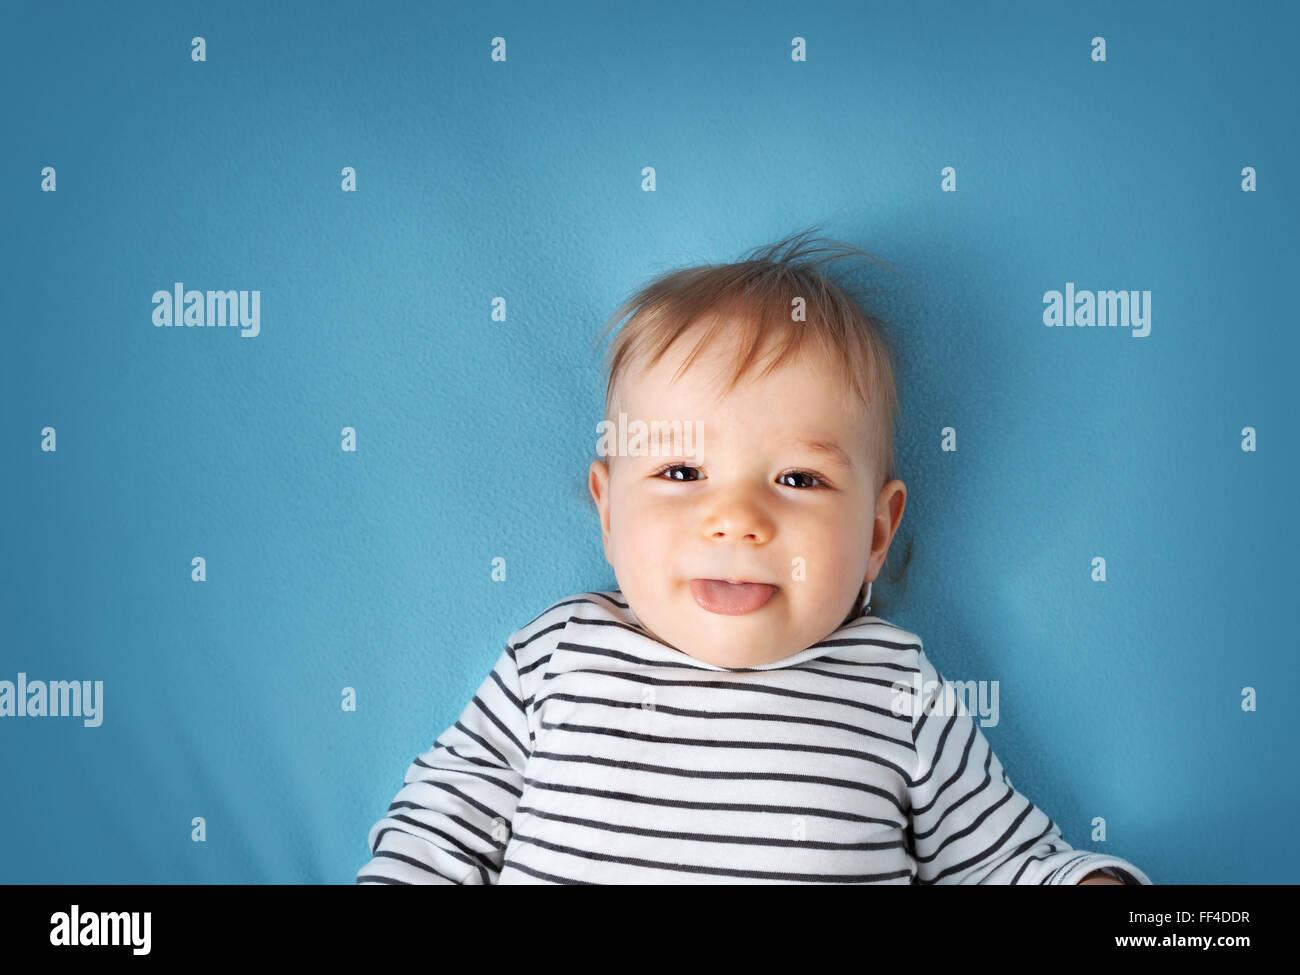 Petit garçon sur la couverture bleue background Photo Stock